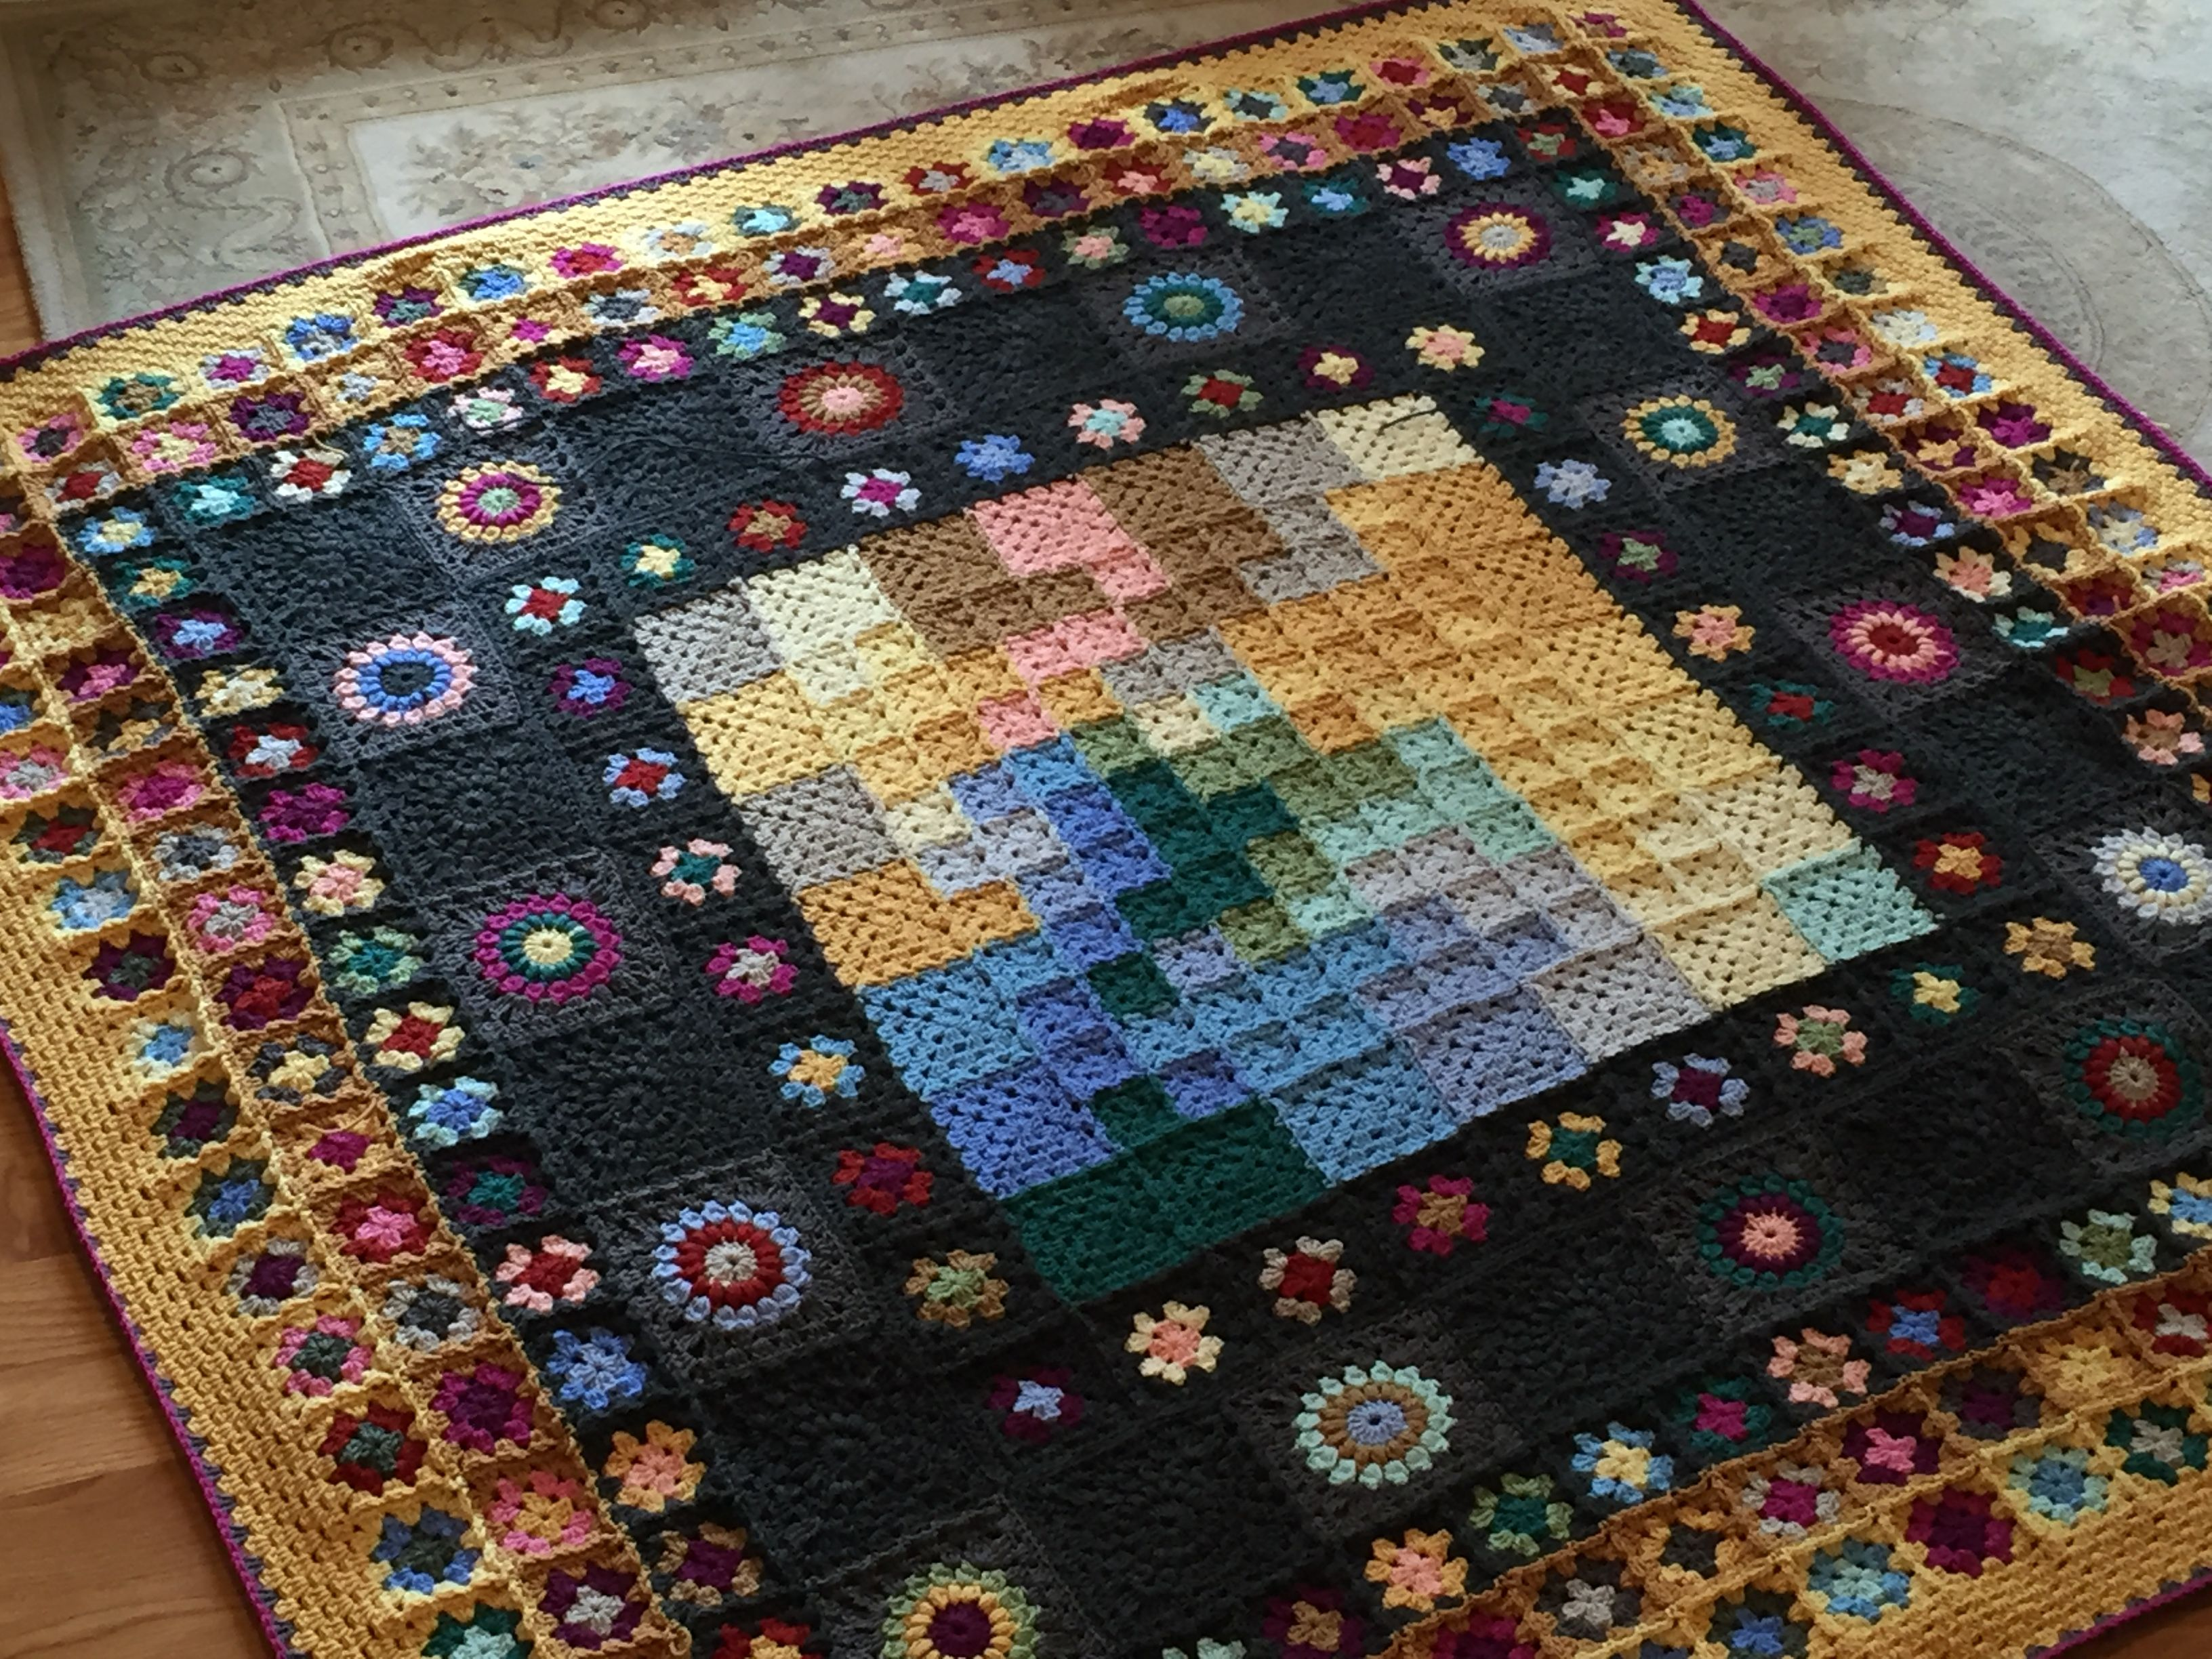 Pin von Susan Hauser auf Crochet & Needlework | Pinterest ...